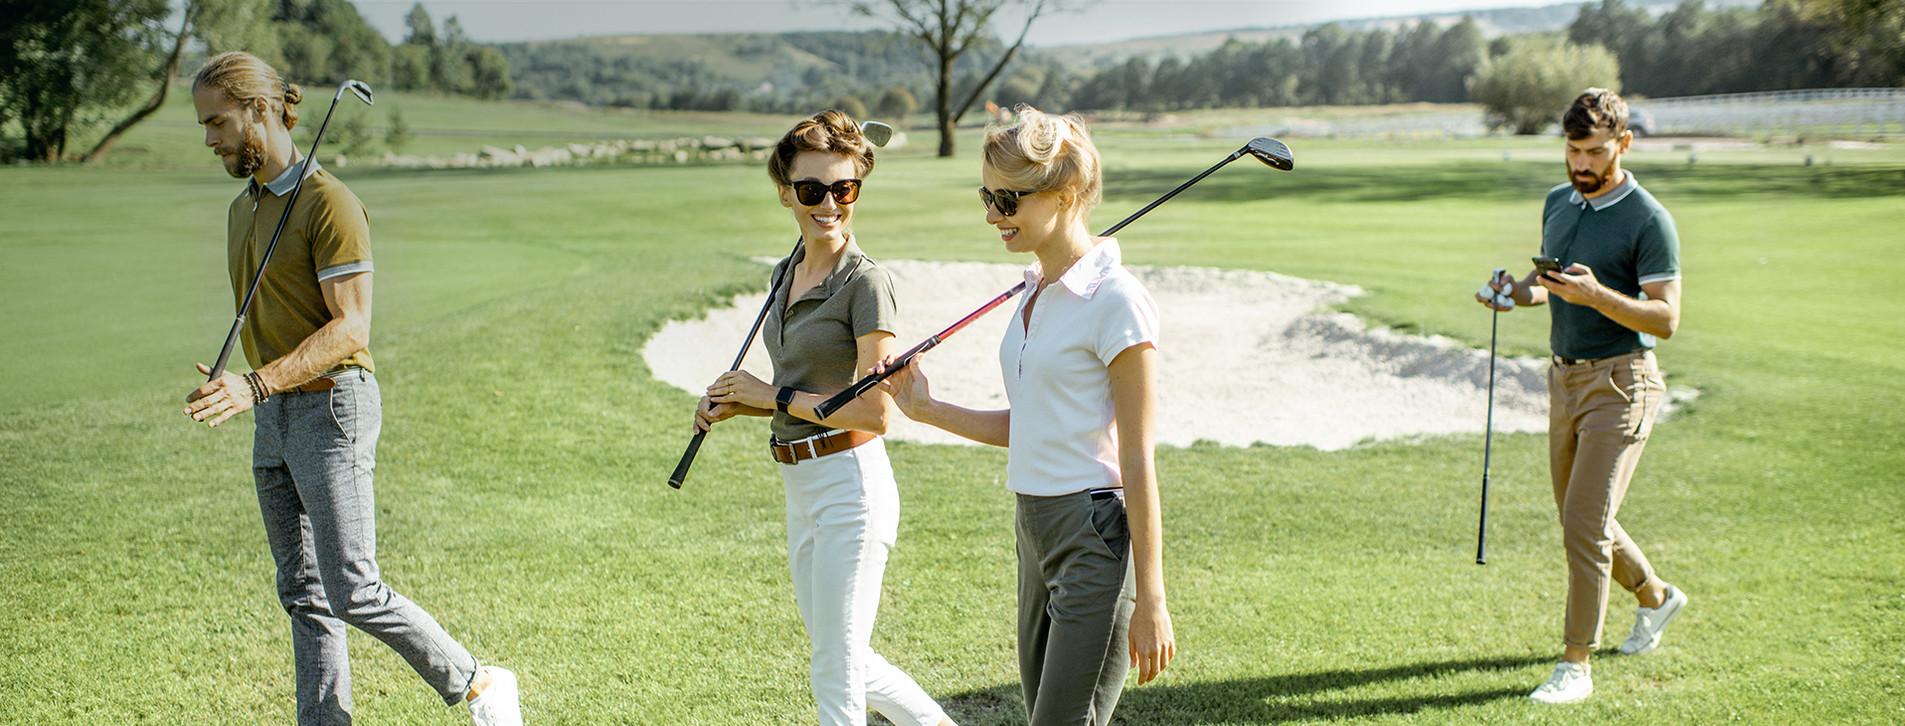 Фото 1 - День в гольф-клубе для компании